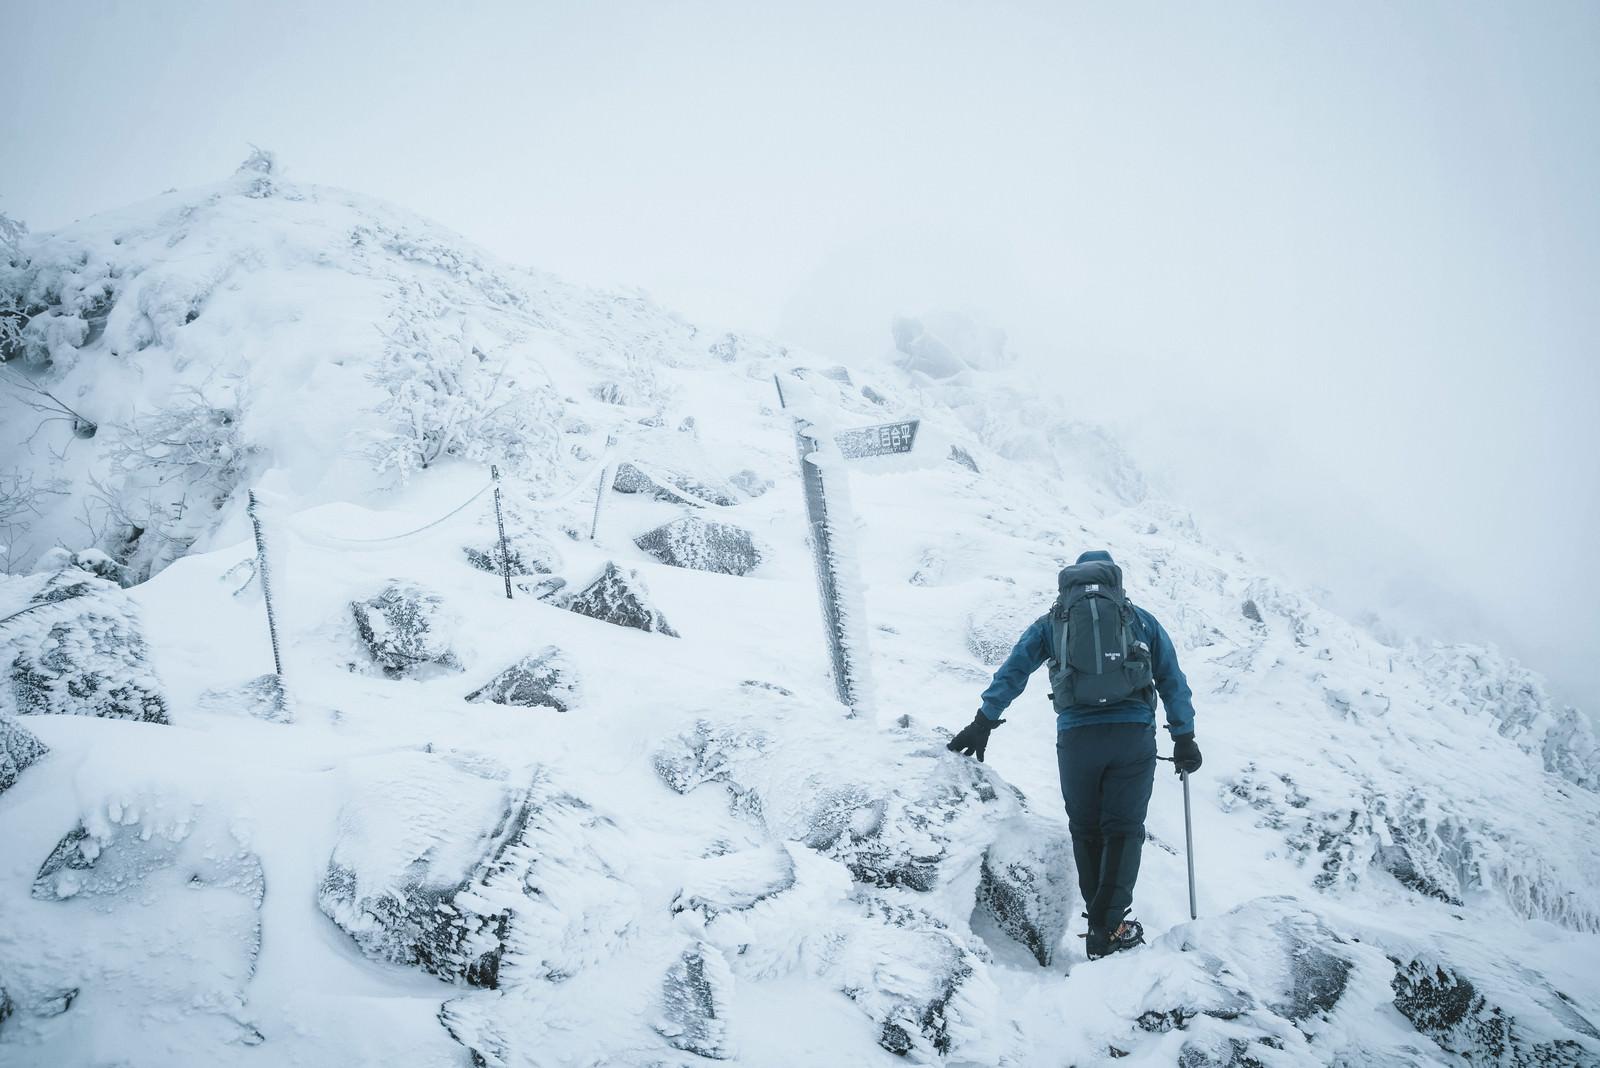 「冬山の標識と登山者」の写真